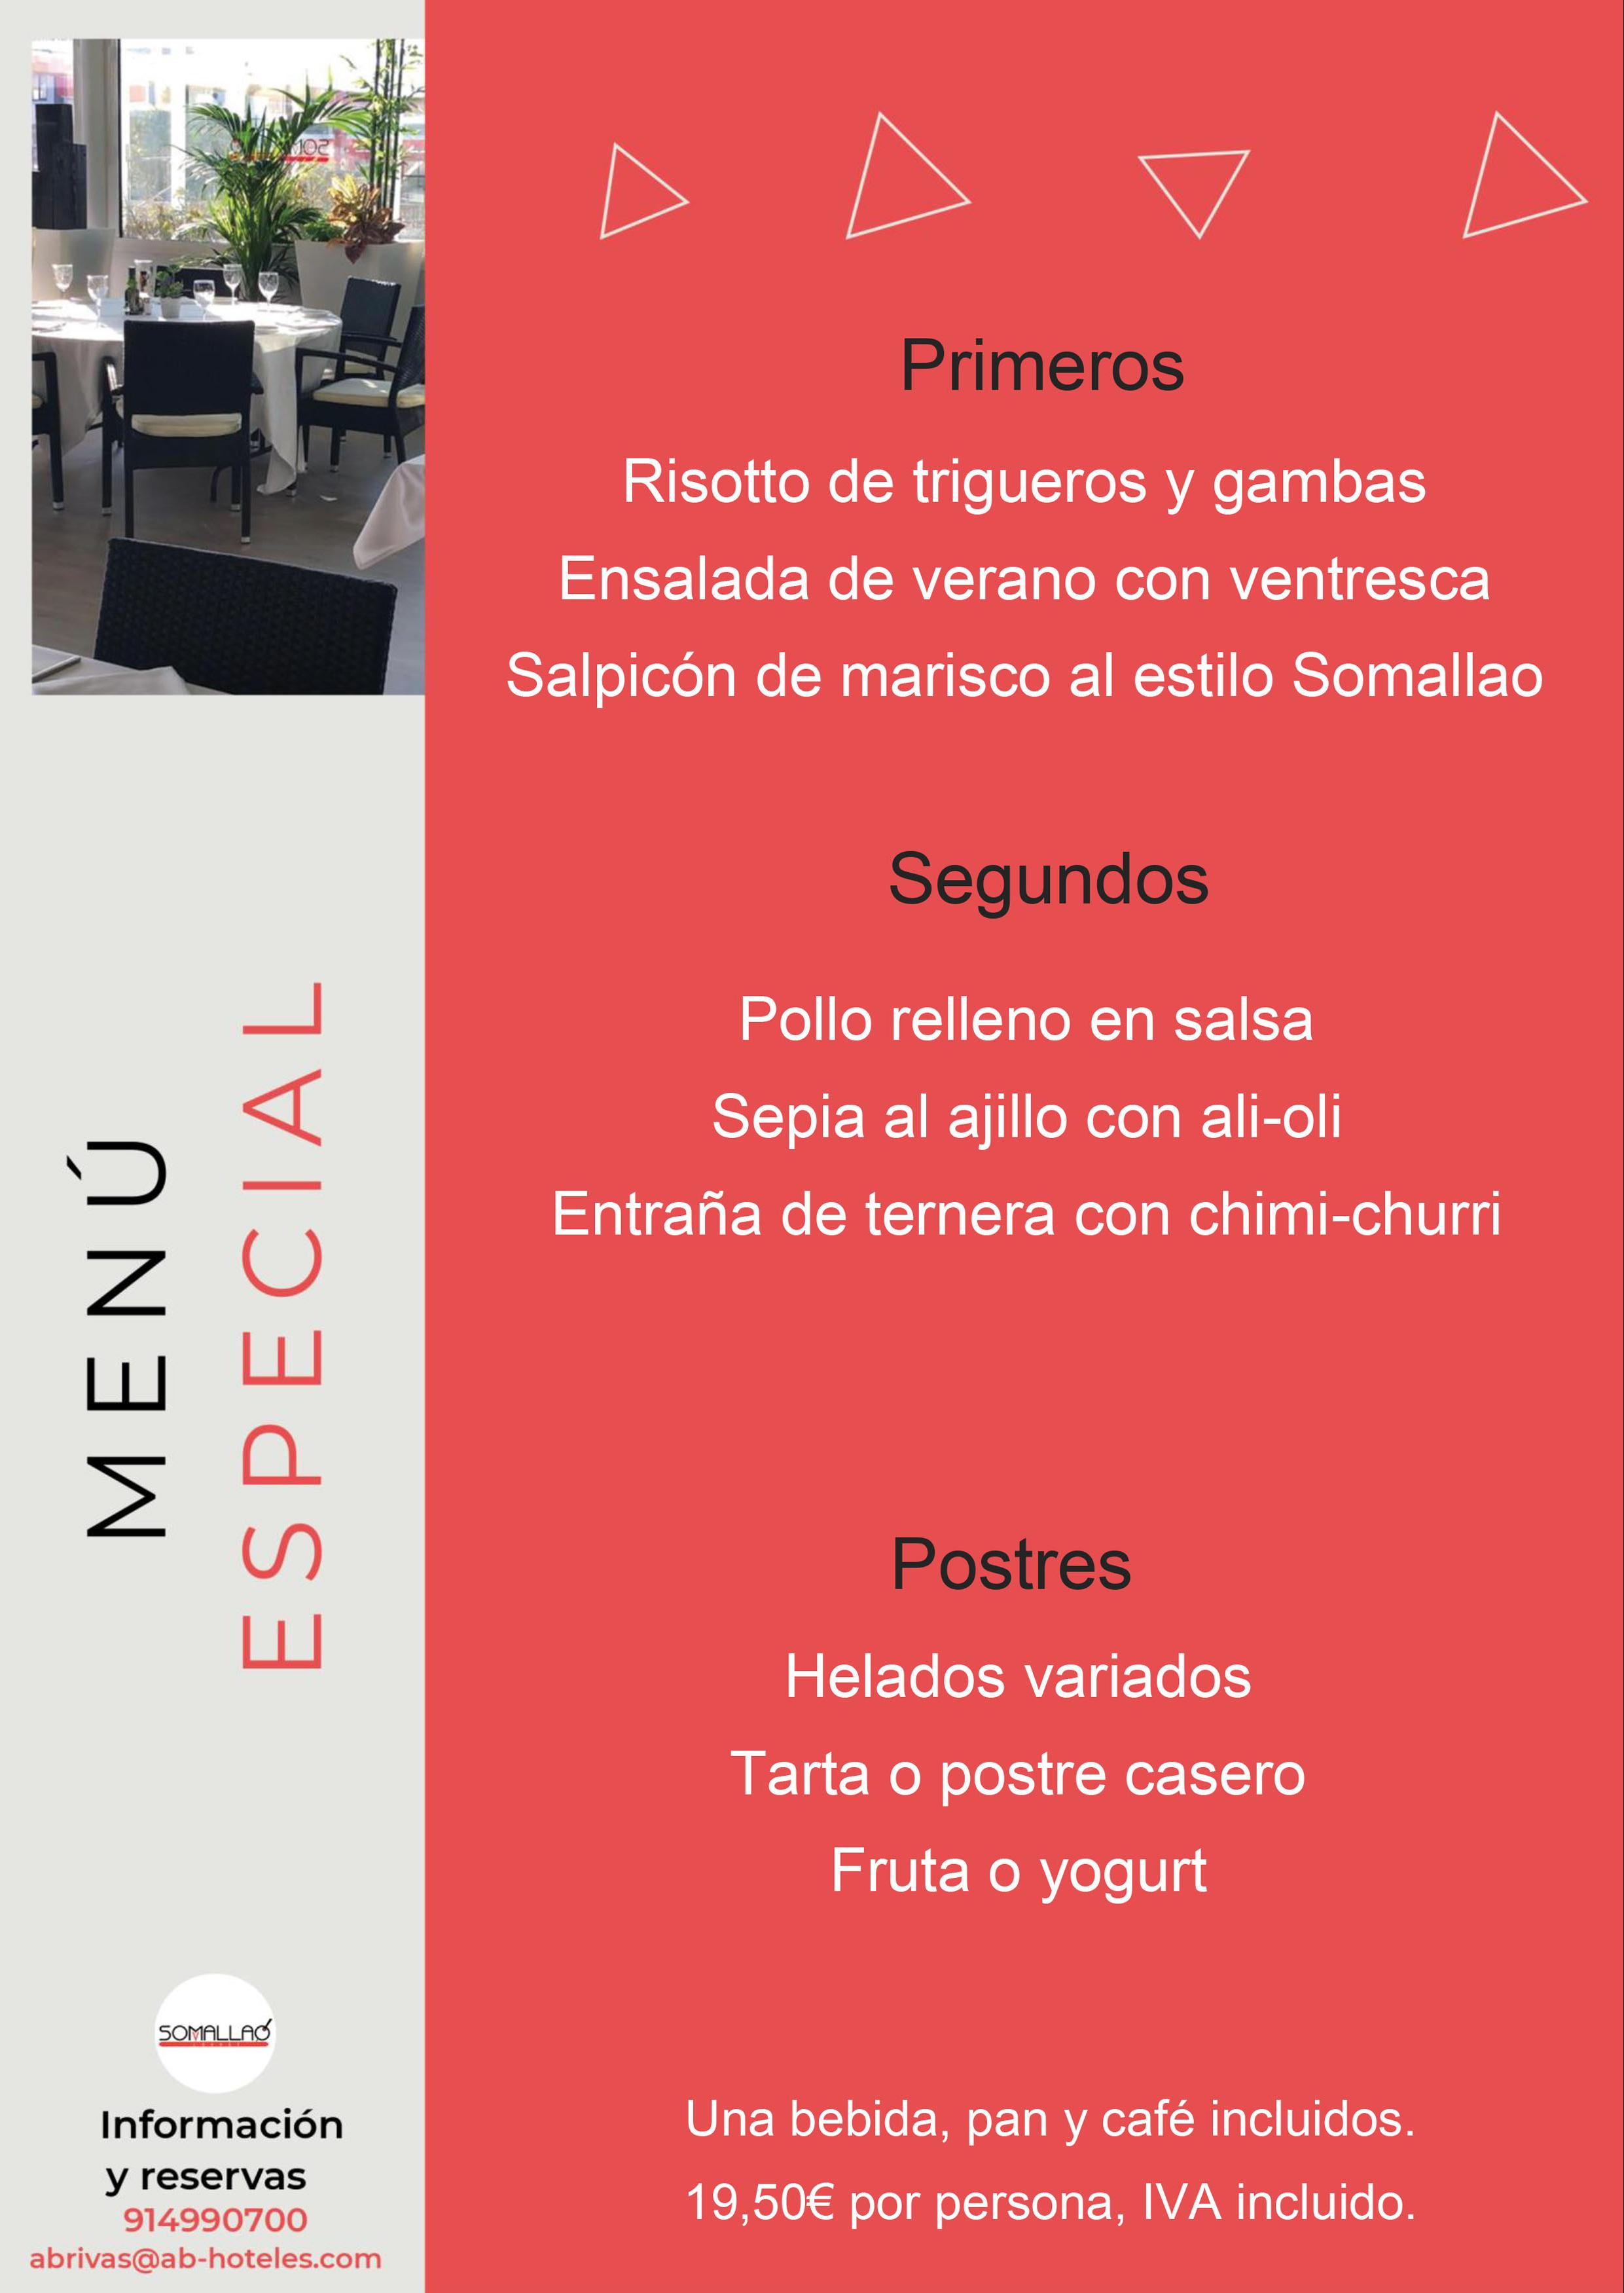 Restaurante Somallao, Menú Especial 30 de Junio al 6 de Julio de 2021.jpg